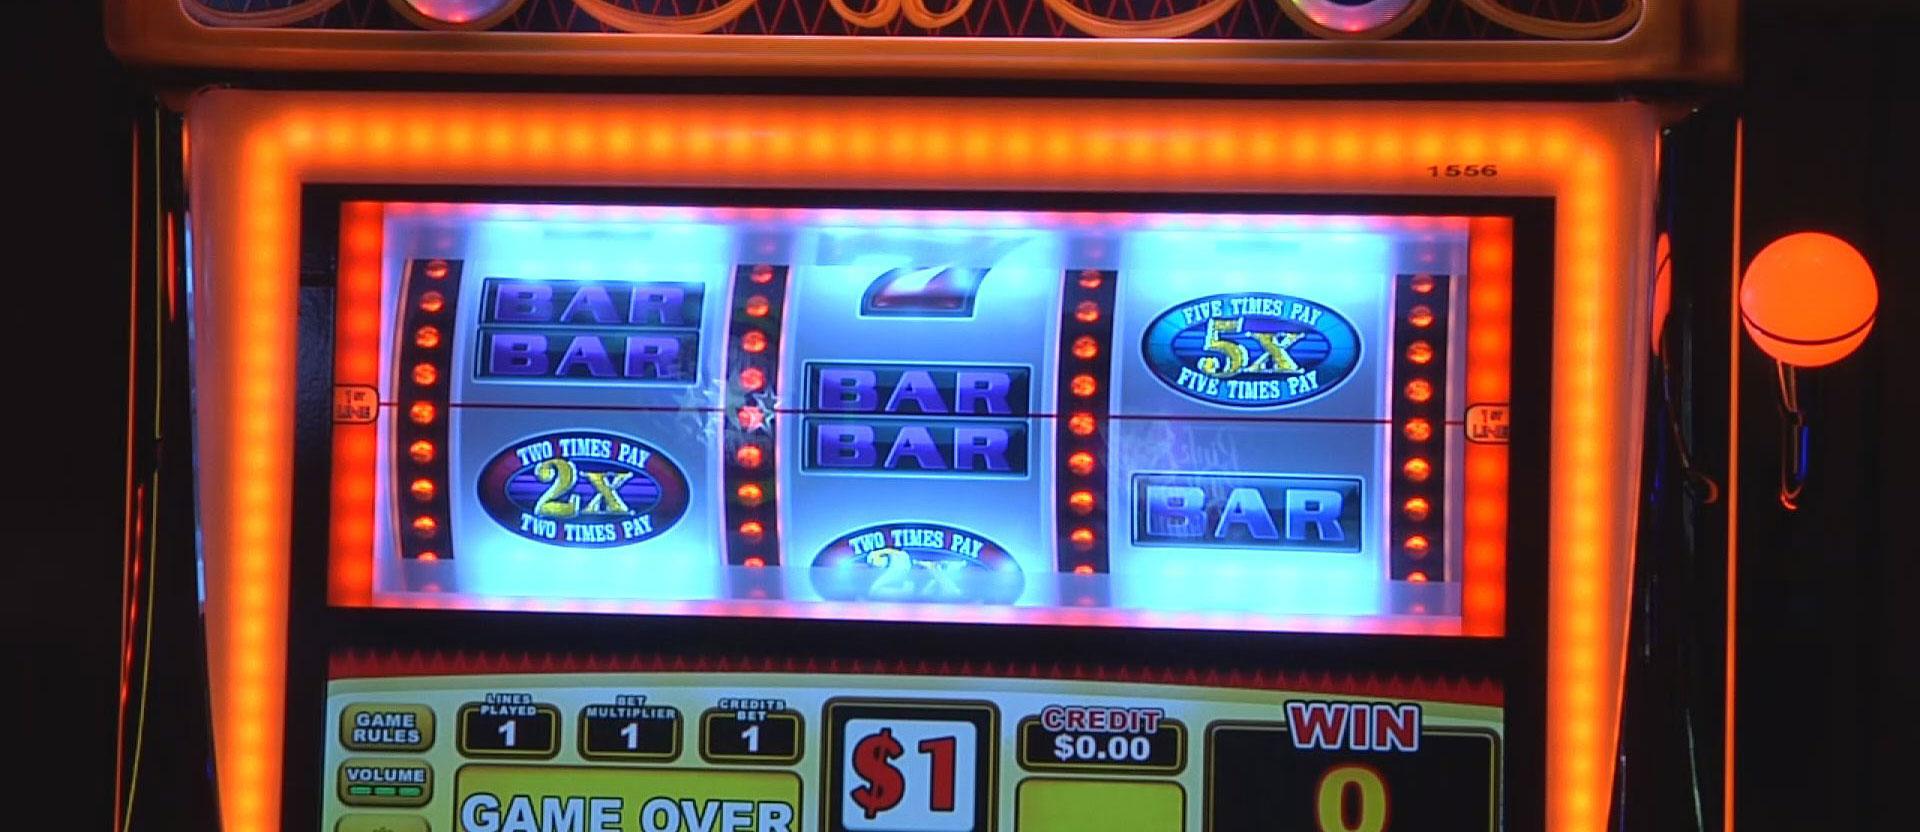 Nrl gambling policy